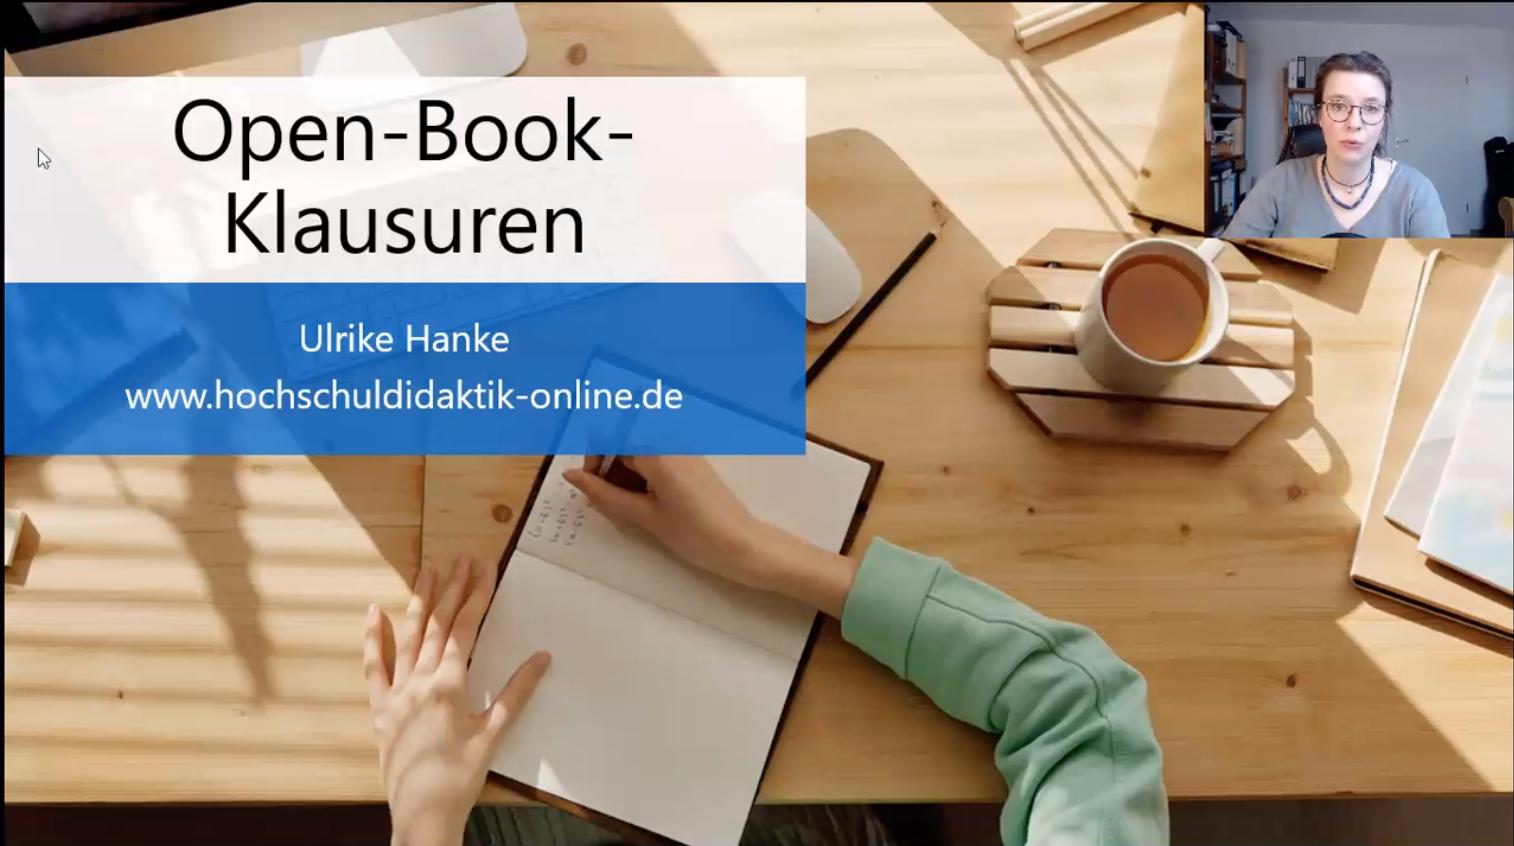 Open-Book-Klausuren